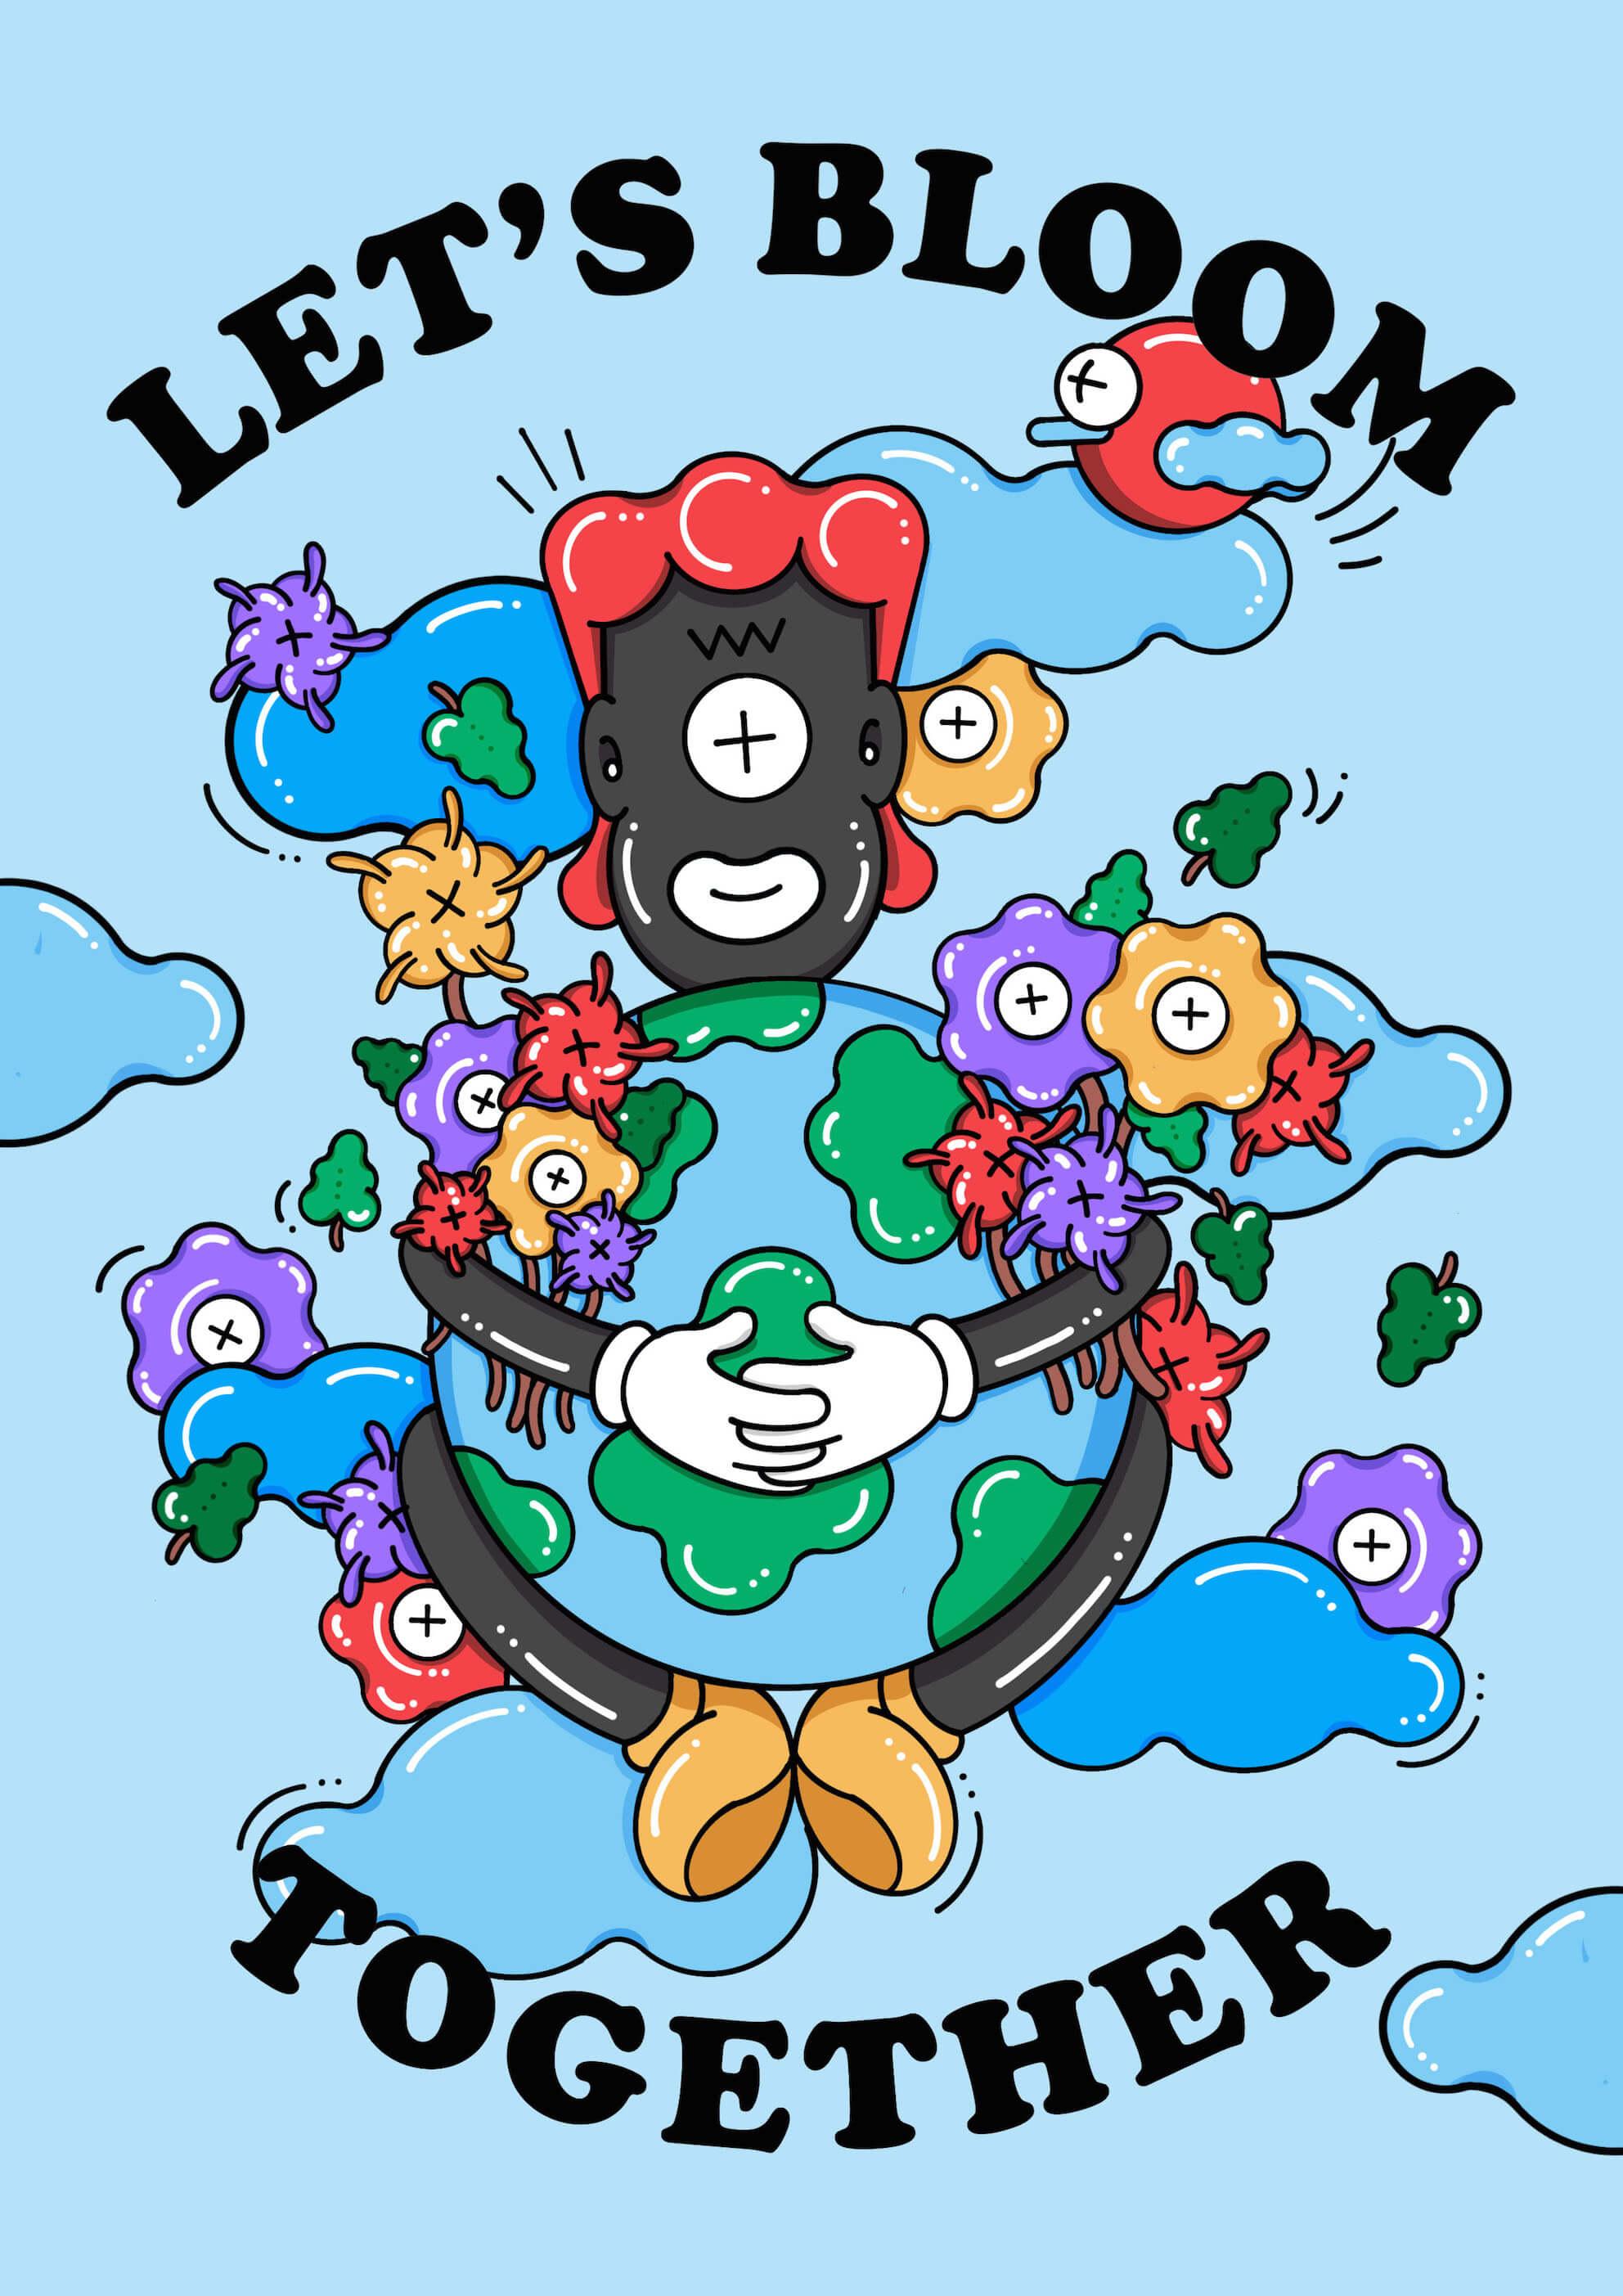 Let's Bloom Together main image